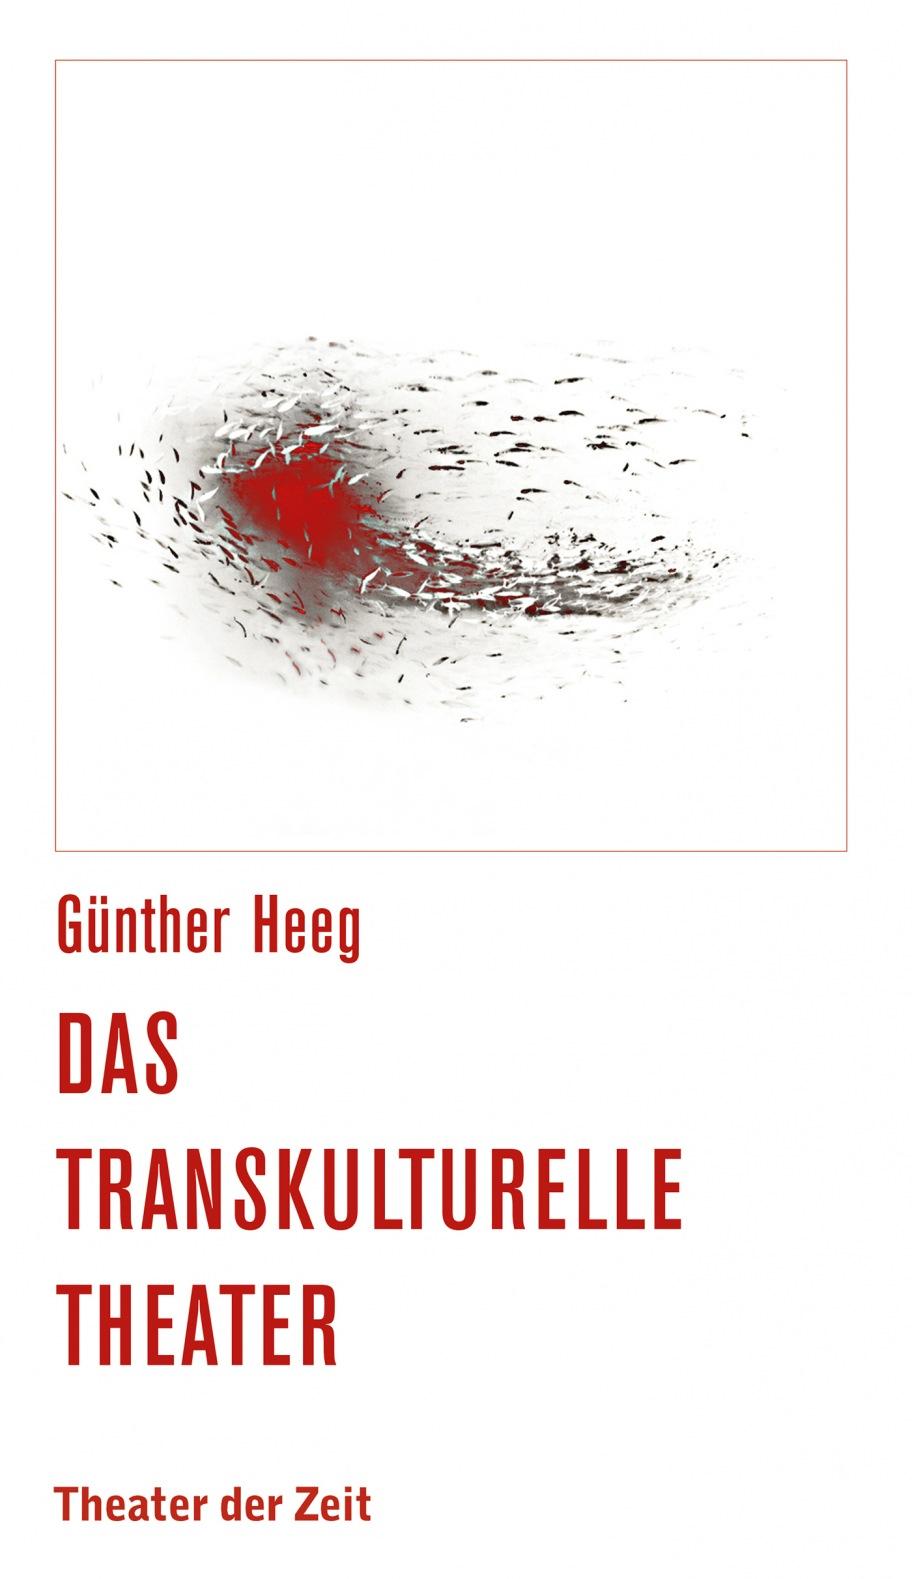 Günther Heeg: Das transkulturelle Theater